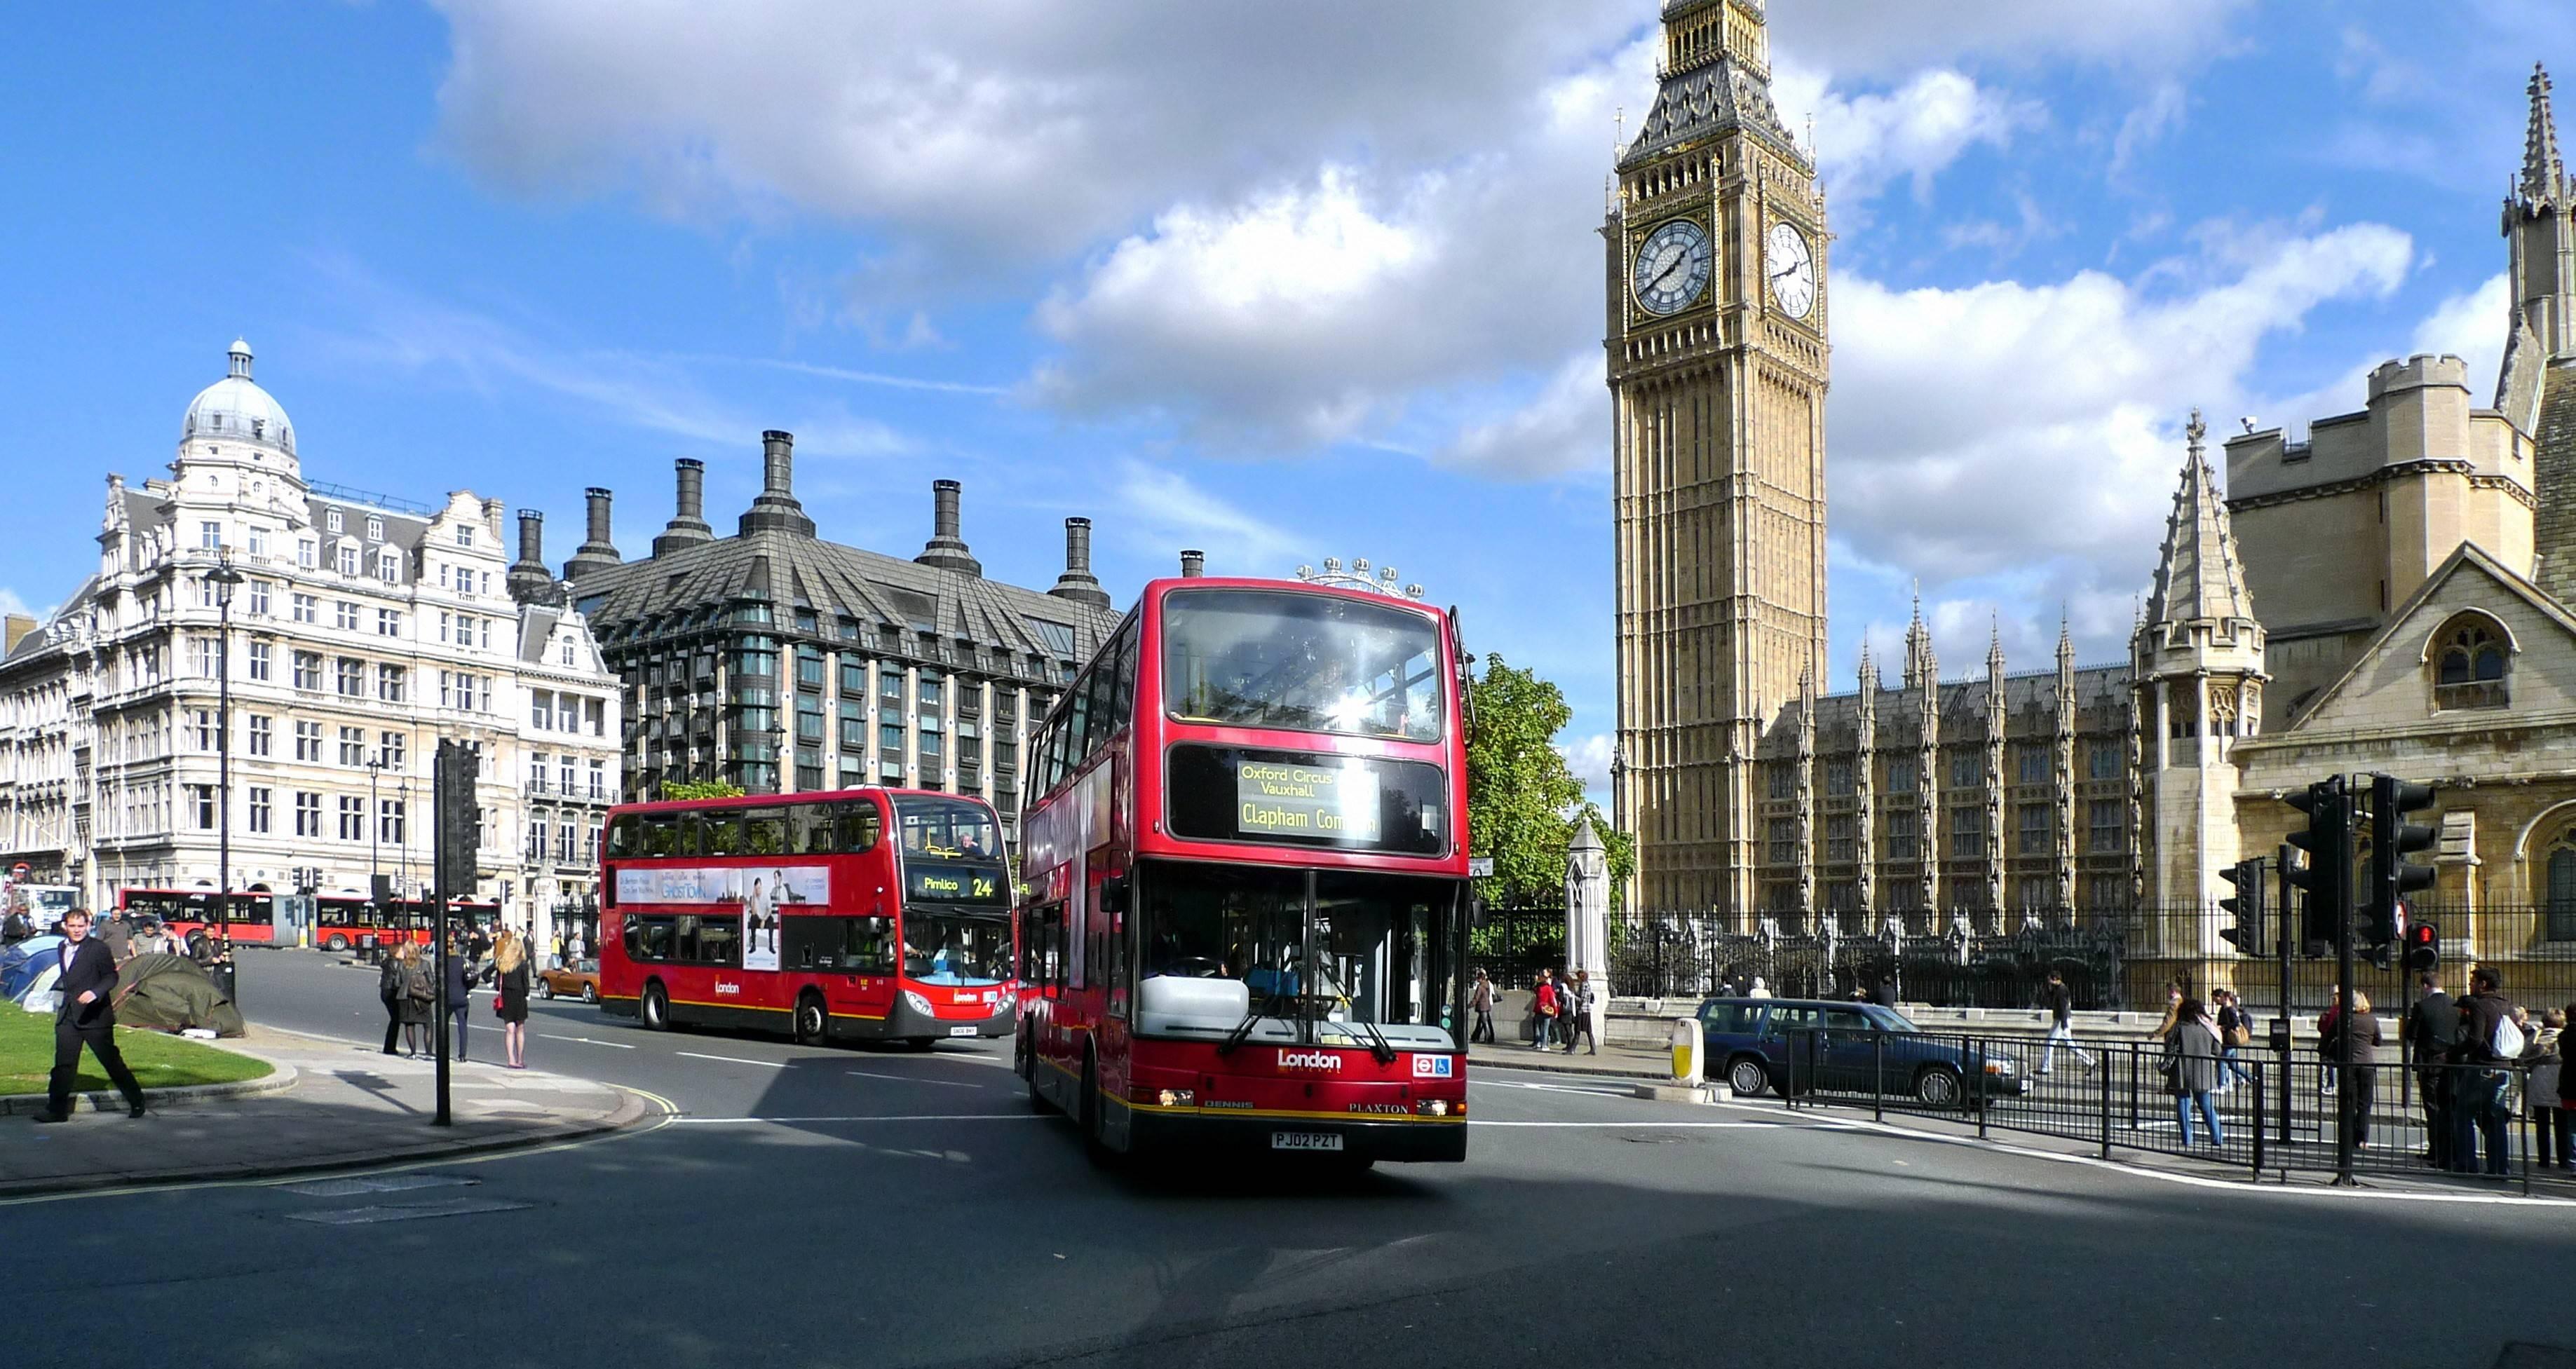 England London Big Ben HD desktop wallpaper High Definition